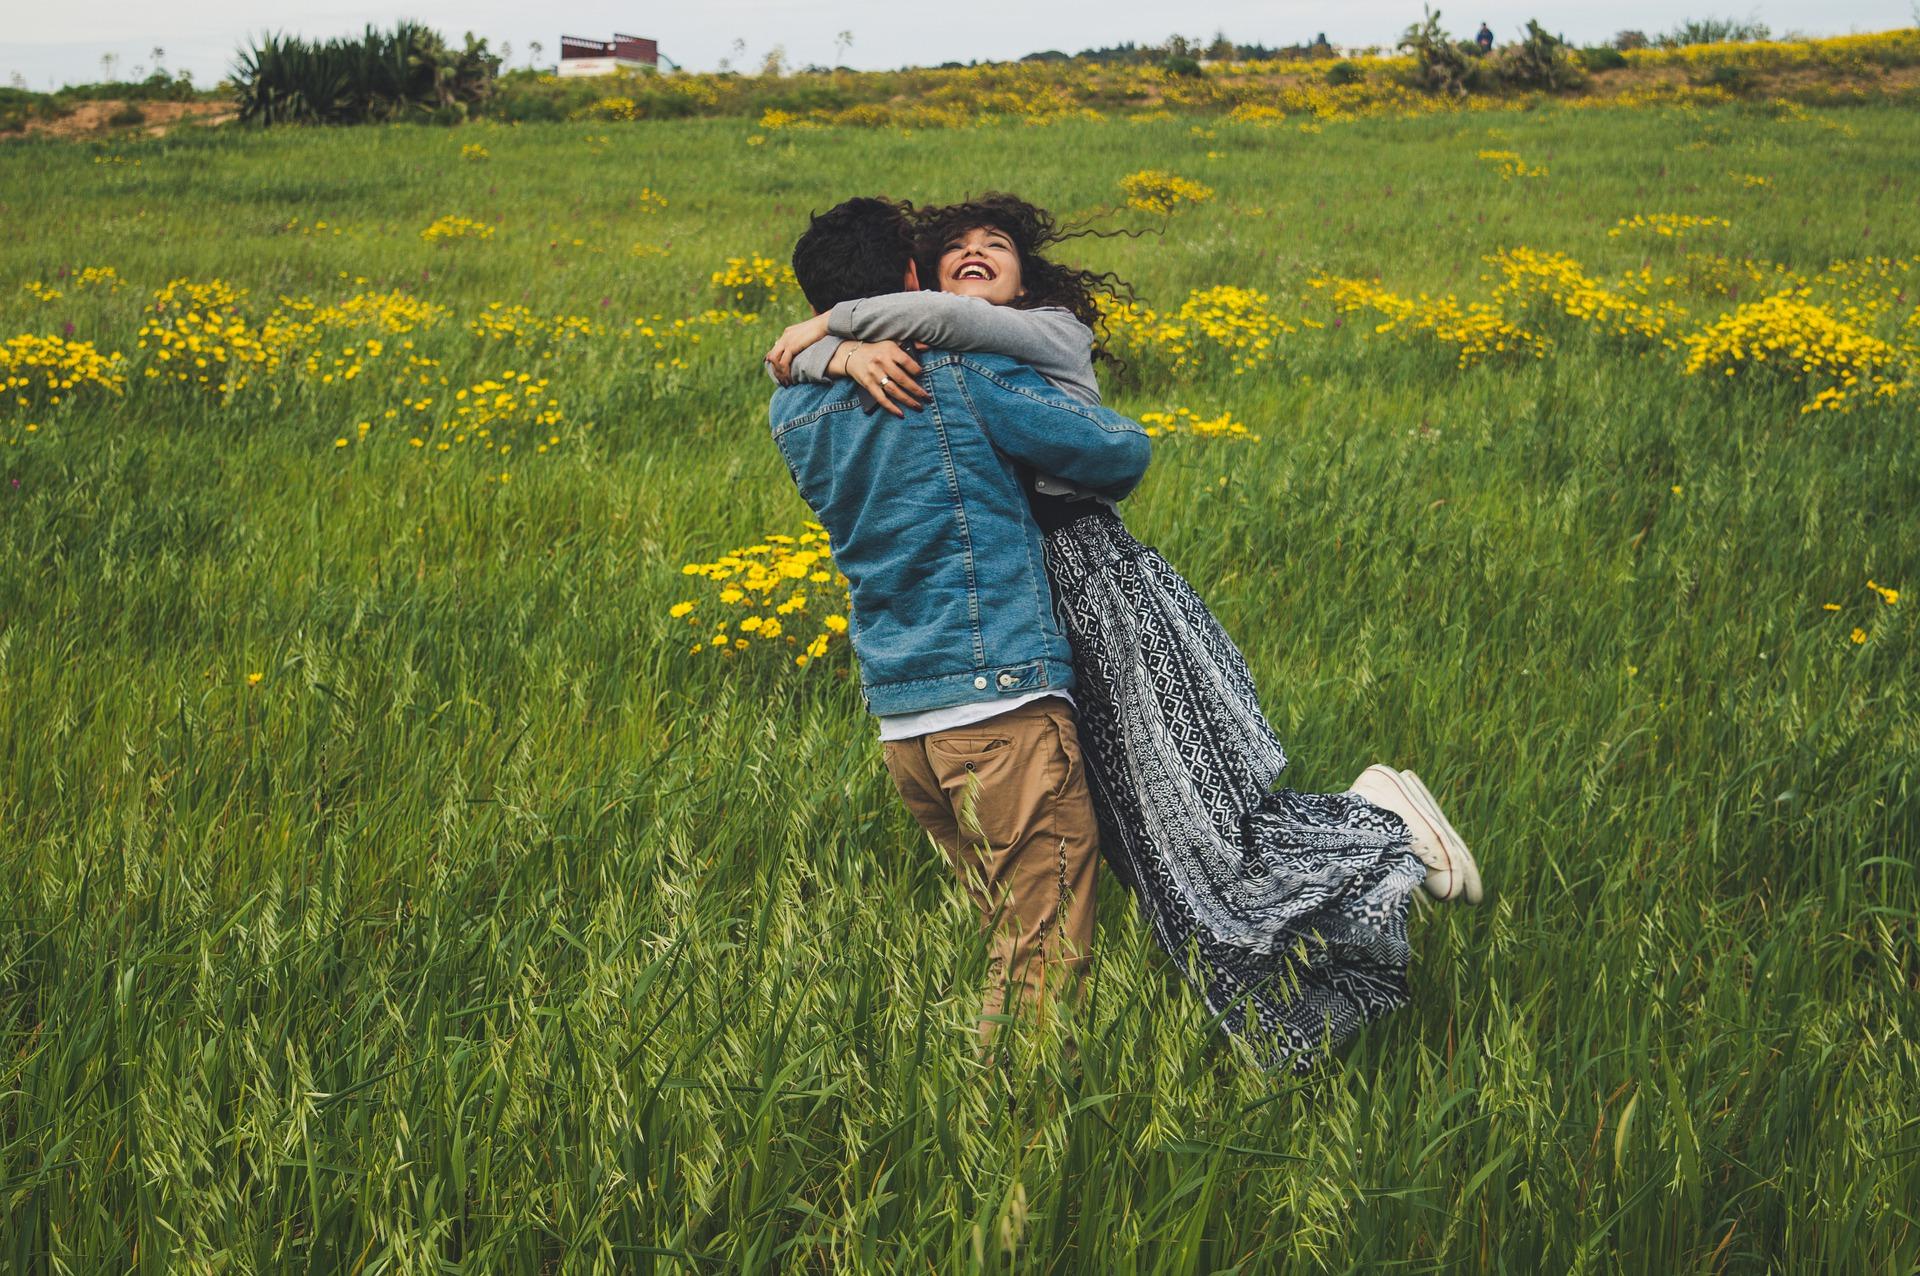 तडजोड (भाग 1) प्रेमानंतर चे विदारक सत्य